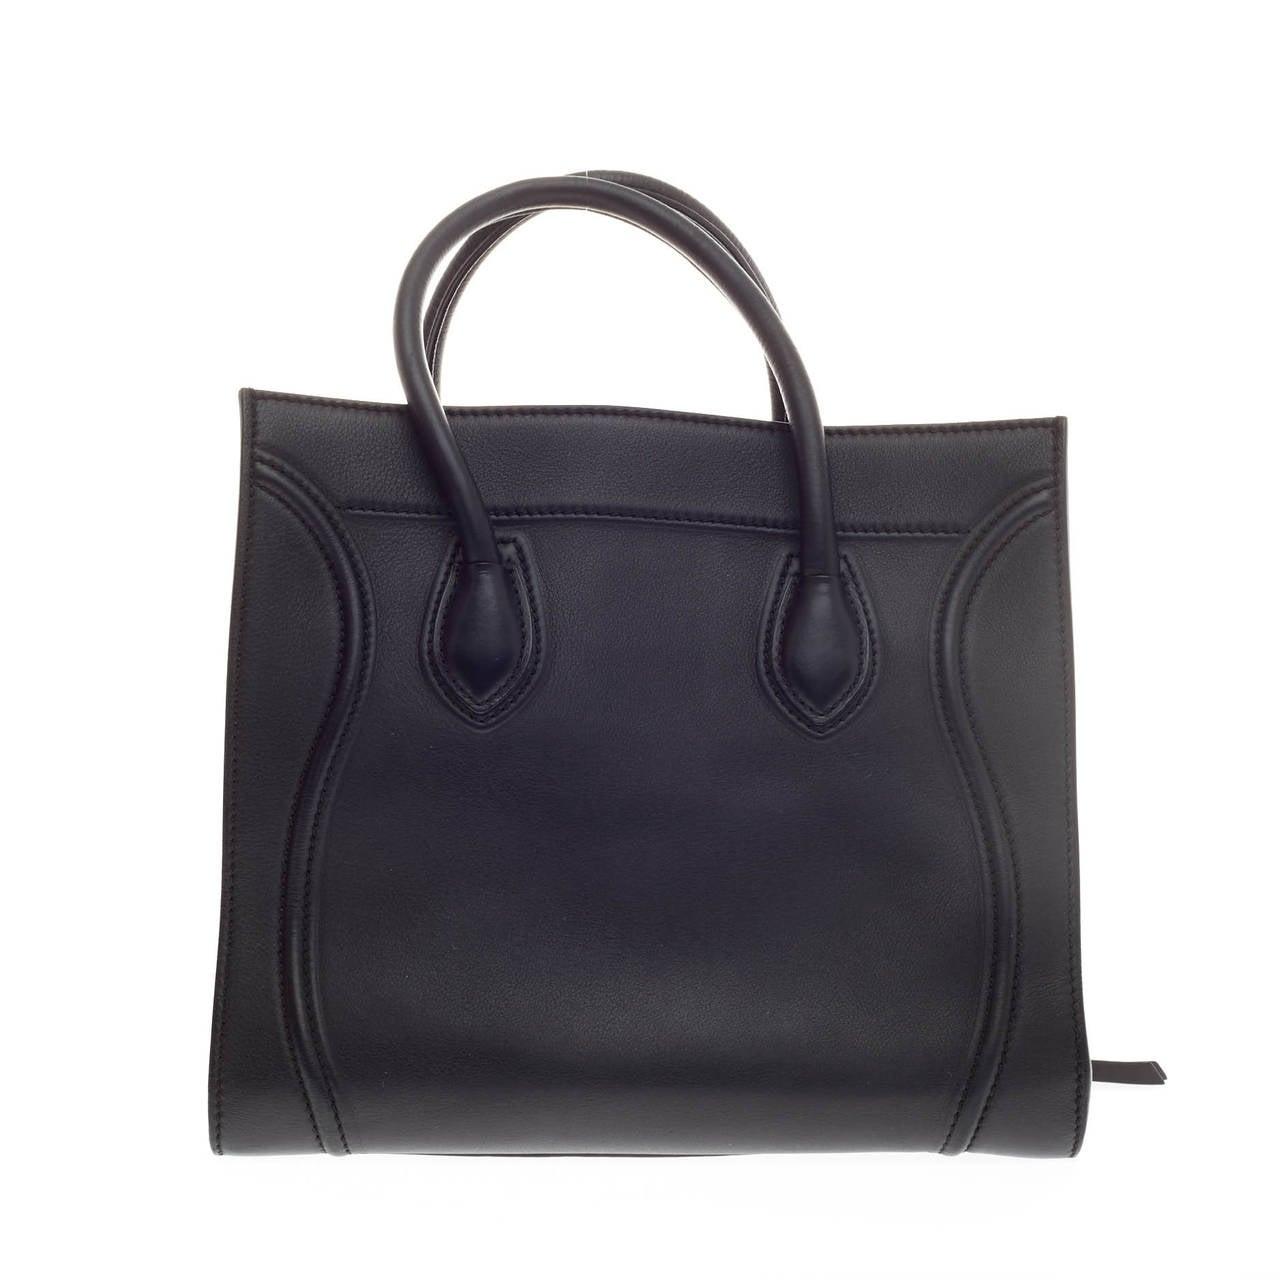 Celine Phantom Smooth Leather Medium at 1stdibs